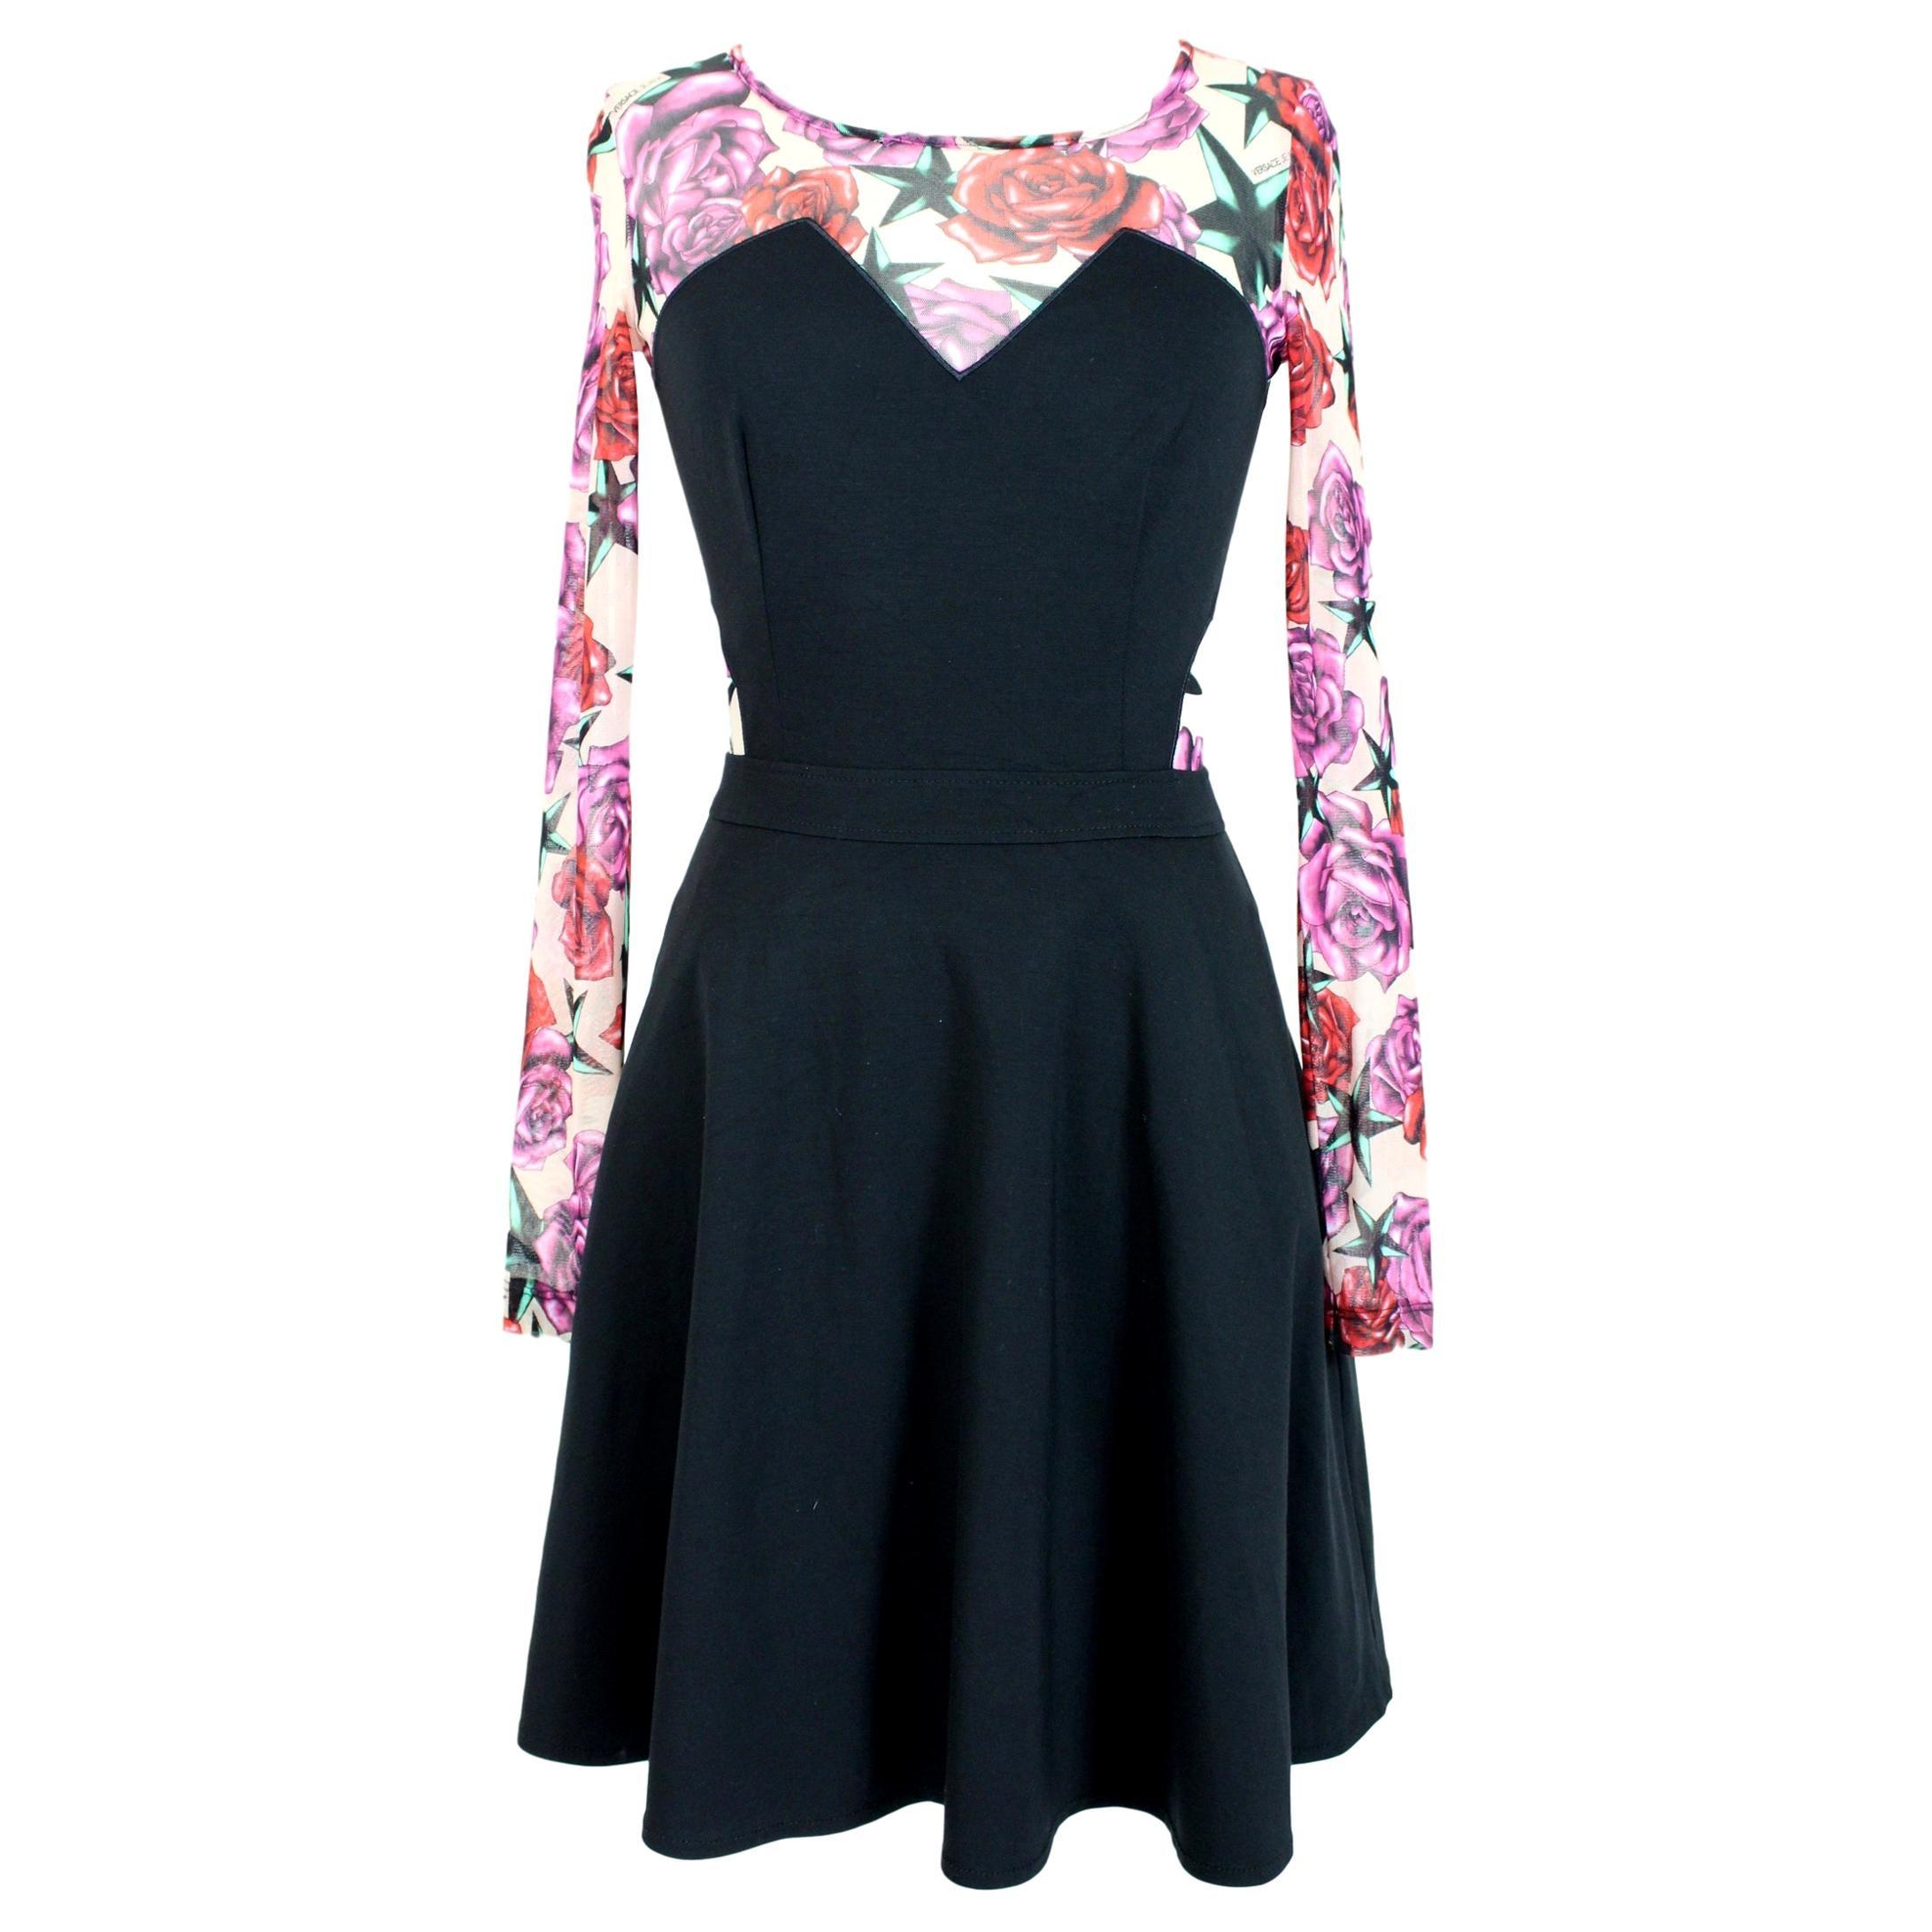 Versace Jeans Black Pink Floral Transparent Flared Short Cocktail Dress